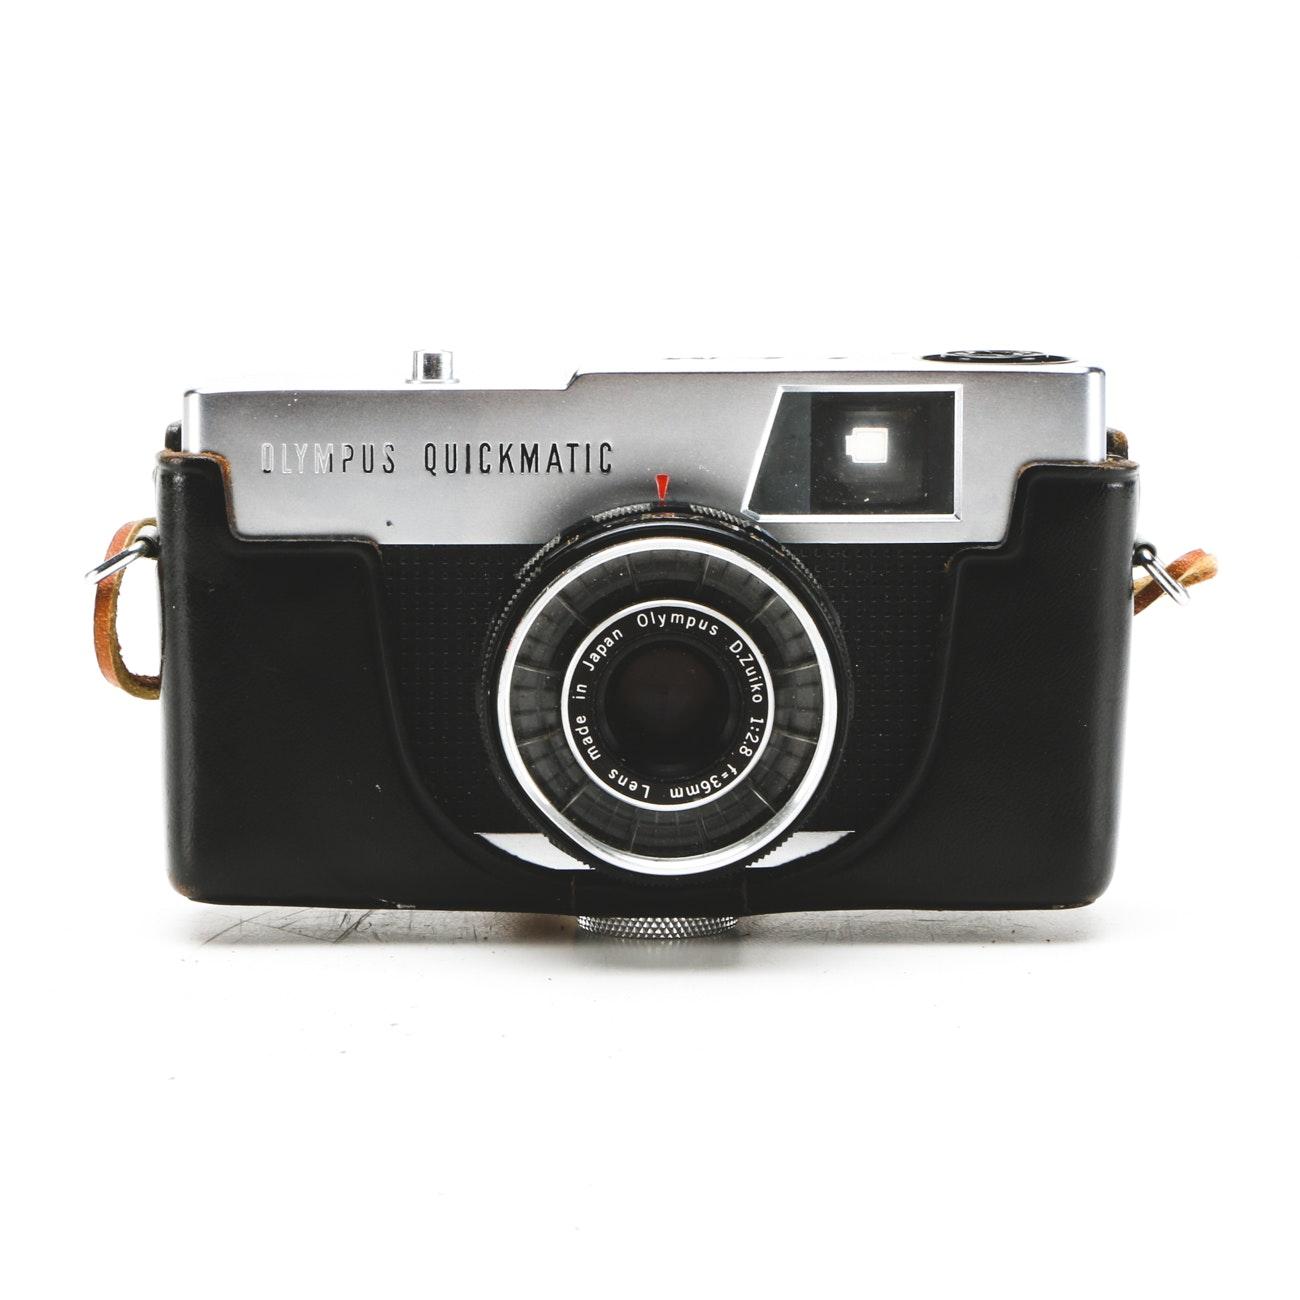 Vintage Olympus Quickmatic Camera